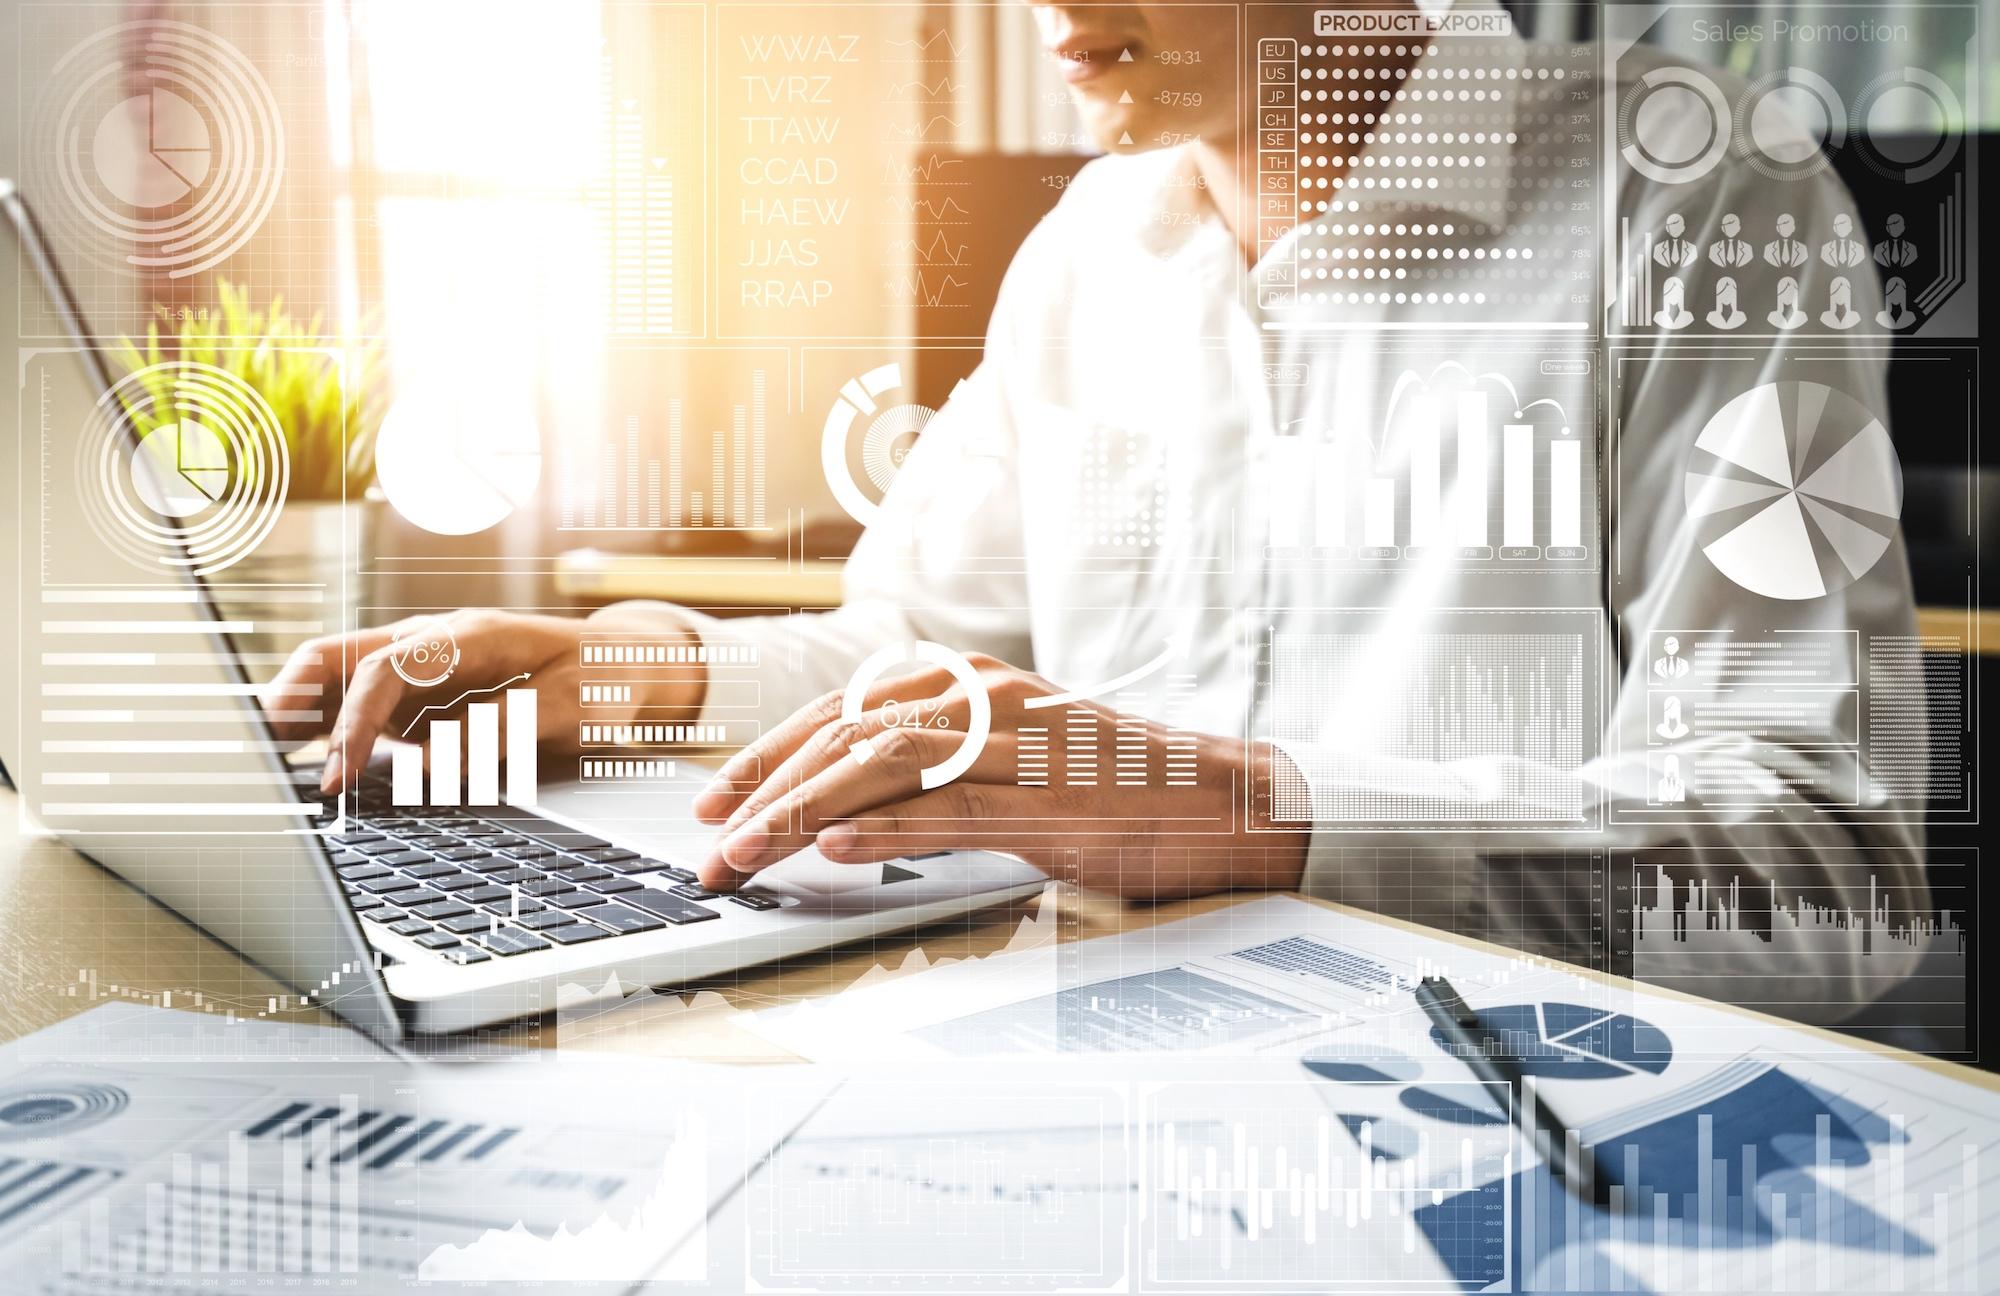 Fintek Şirketleri, Finansal Sistemdeki Sorunları Çözmeye Aday